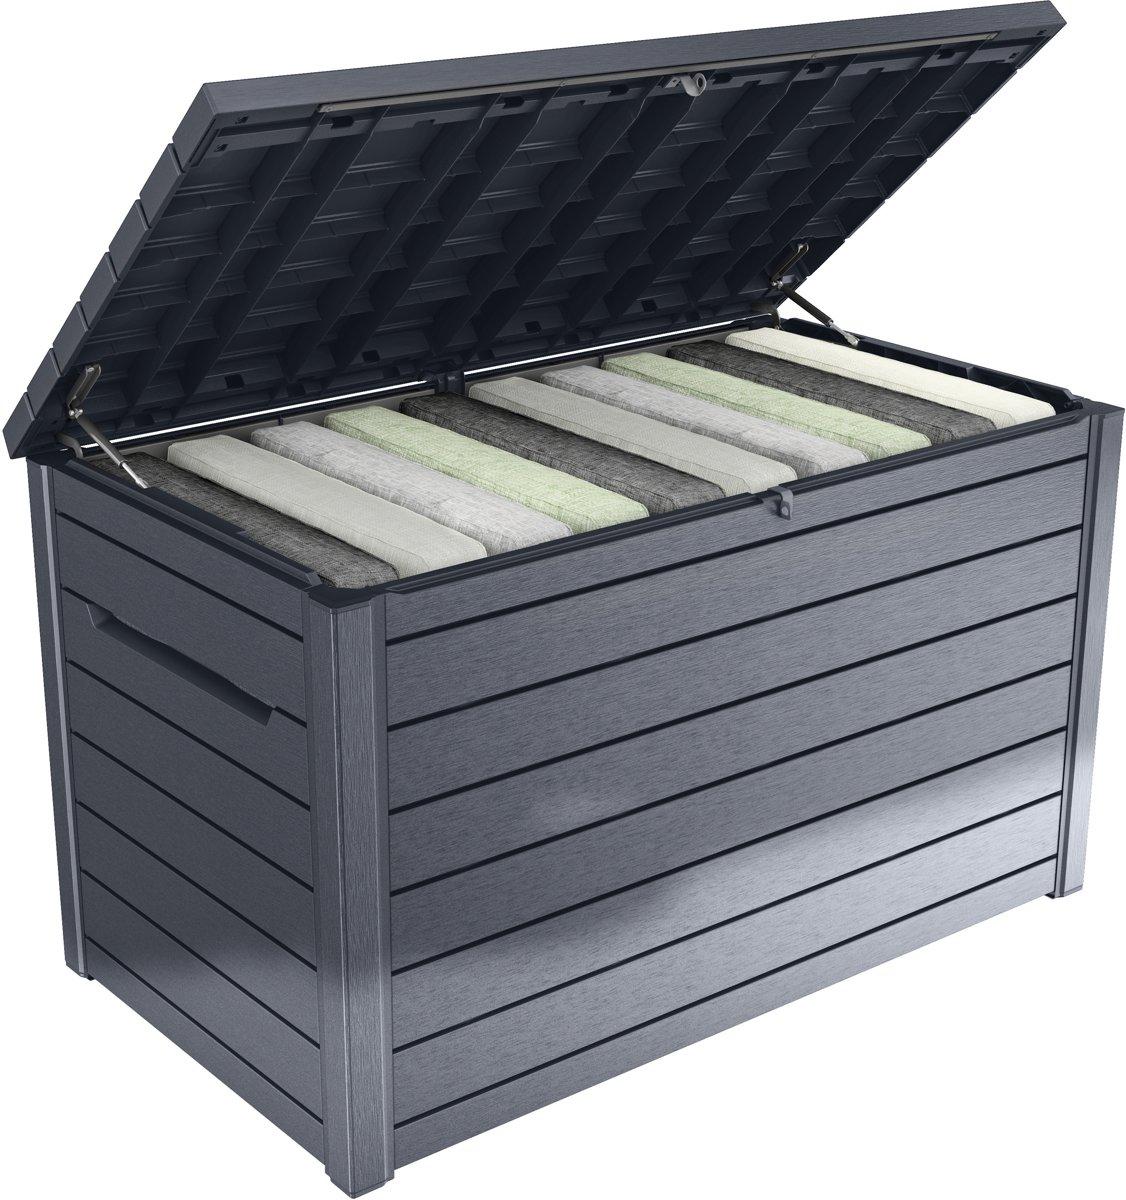 Keter - Ontario - Opbergbox - Kunststof kist - Hout look - 870L - 148x83x86 cm - Antraciet